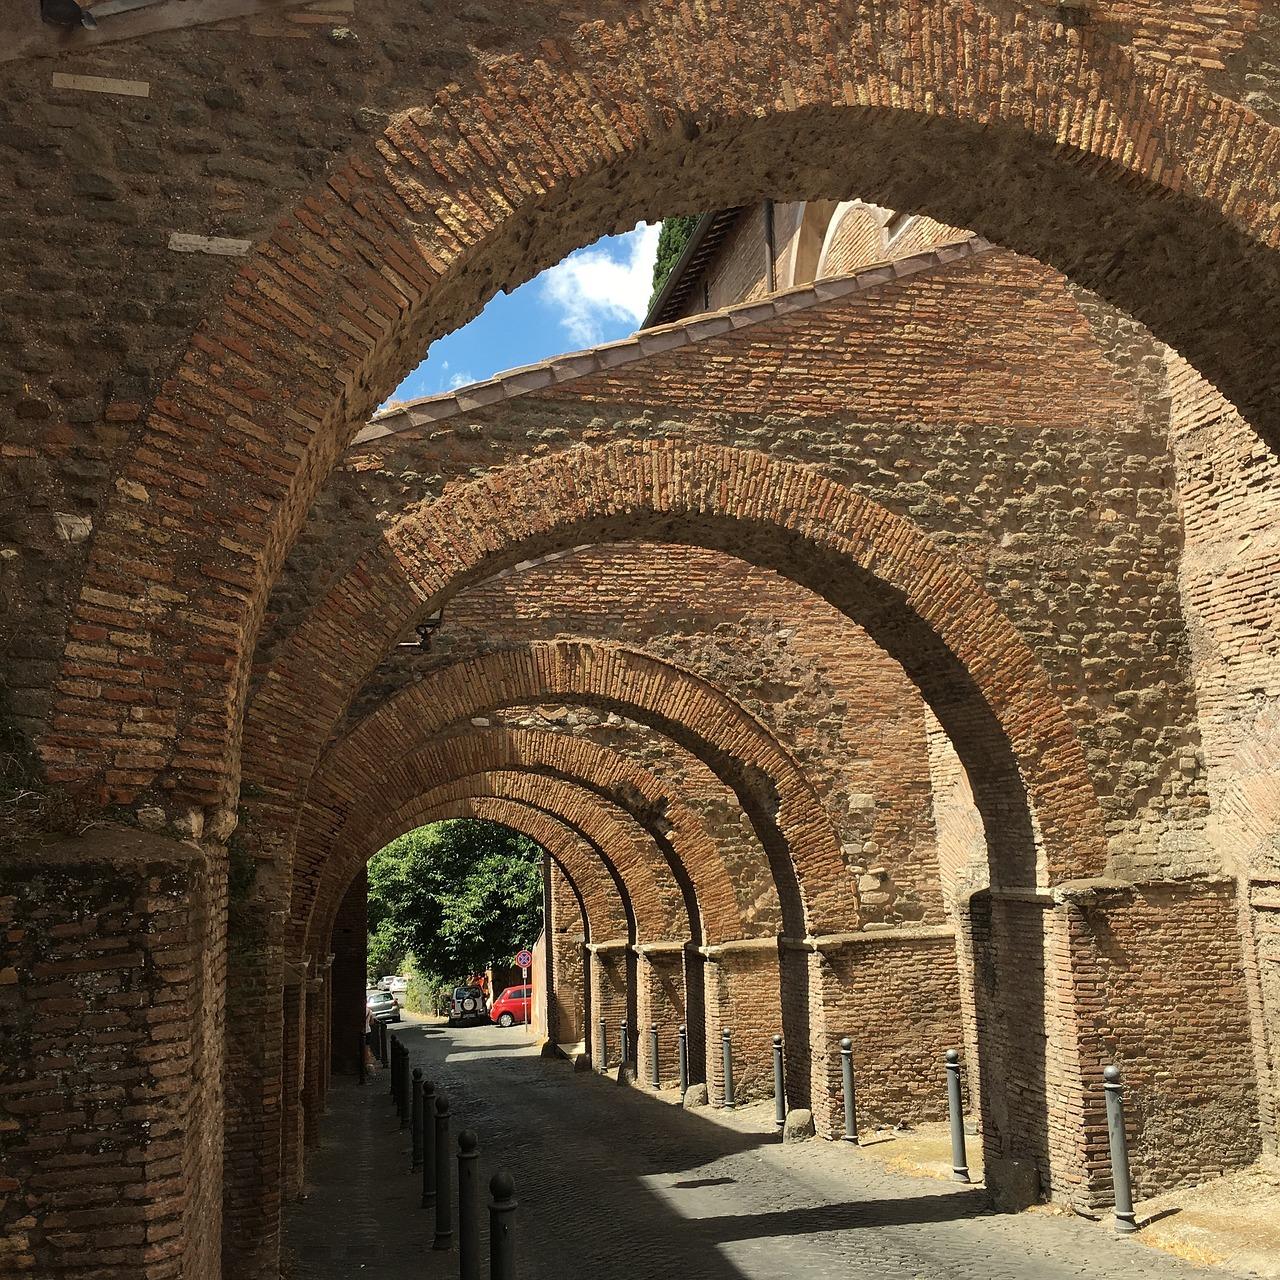 отличного здоровья, фото арочных восточной архитектуры ворот блок или